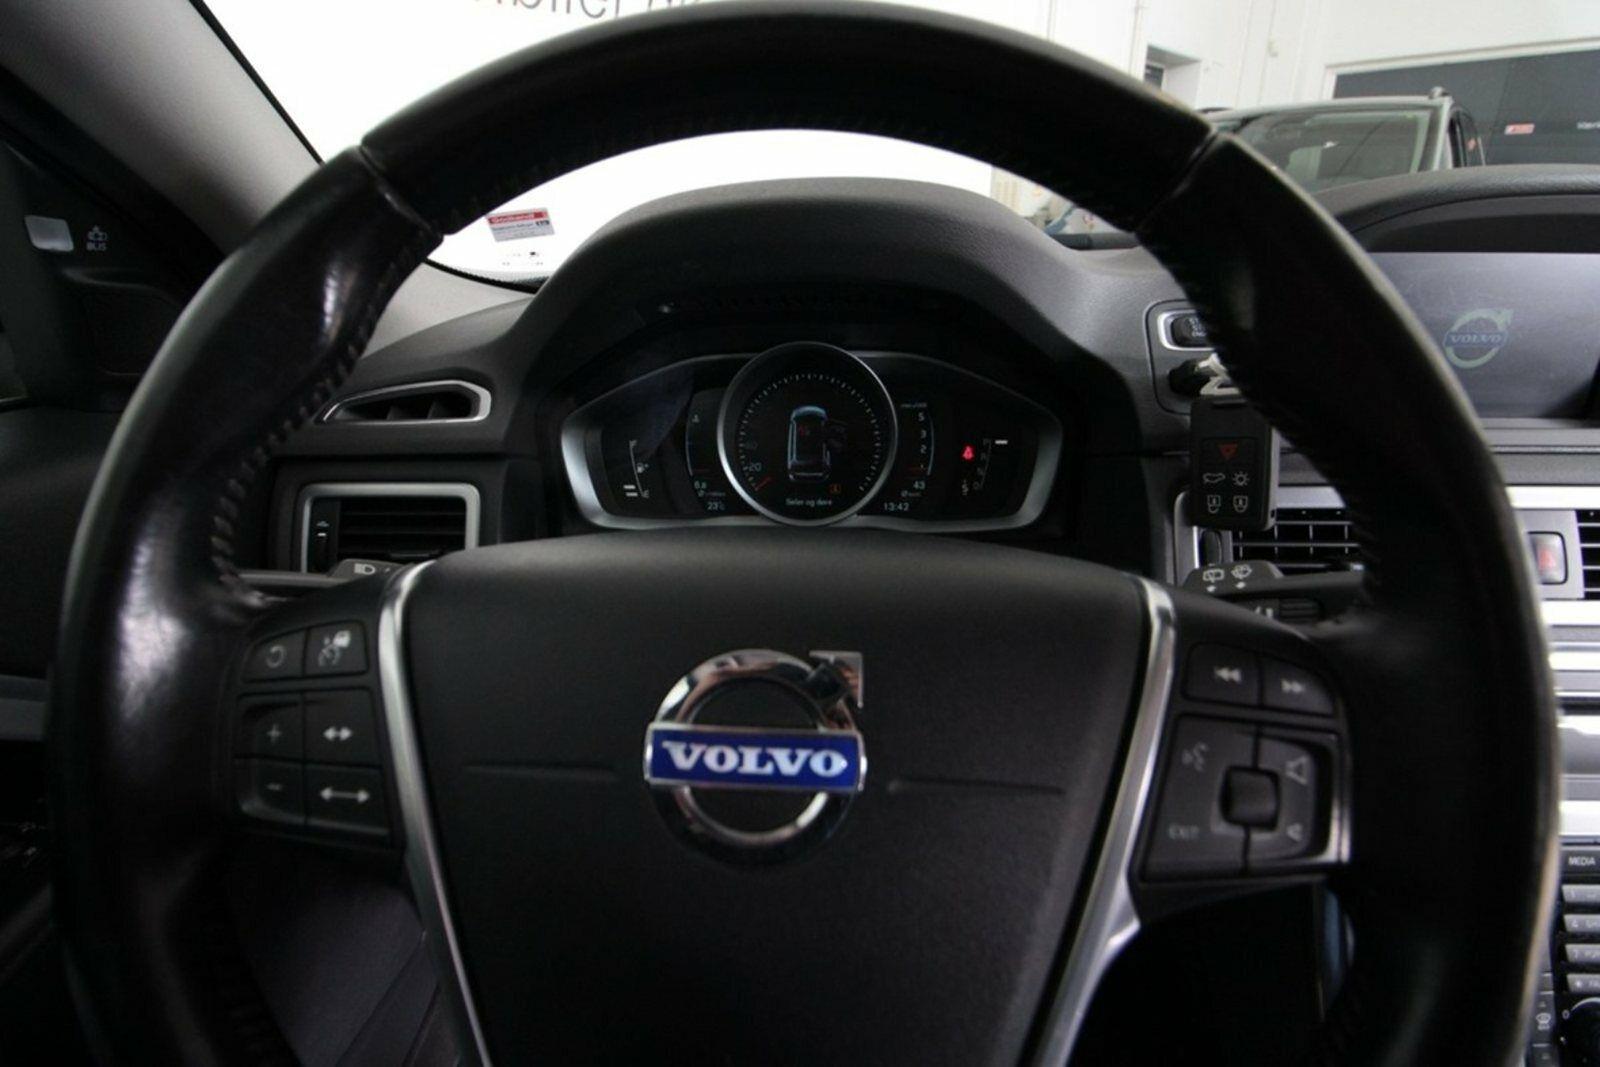 Volvo V70 D4 181 Momentum aut.